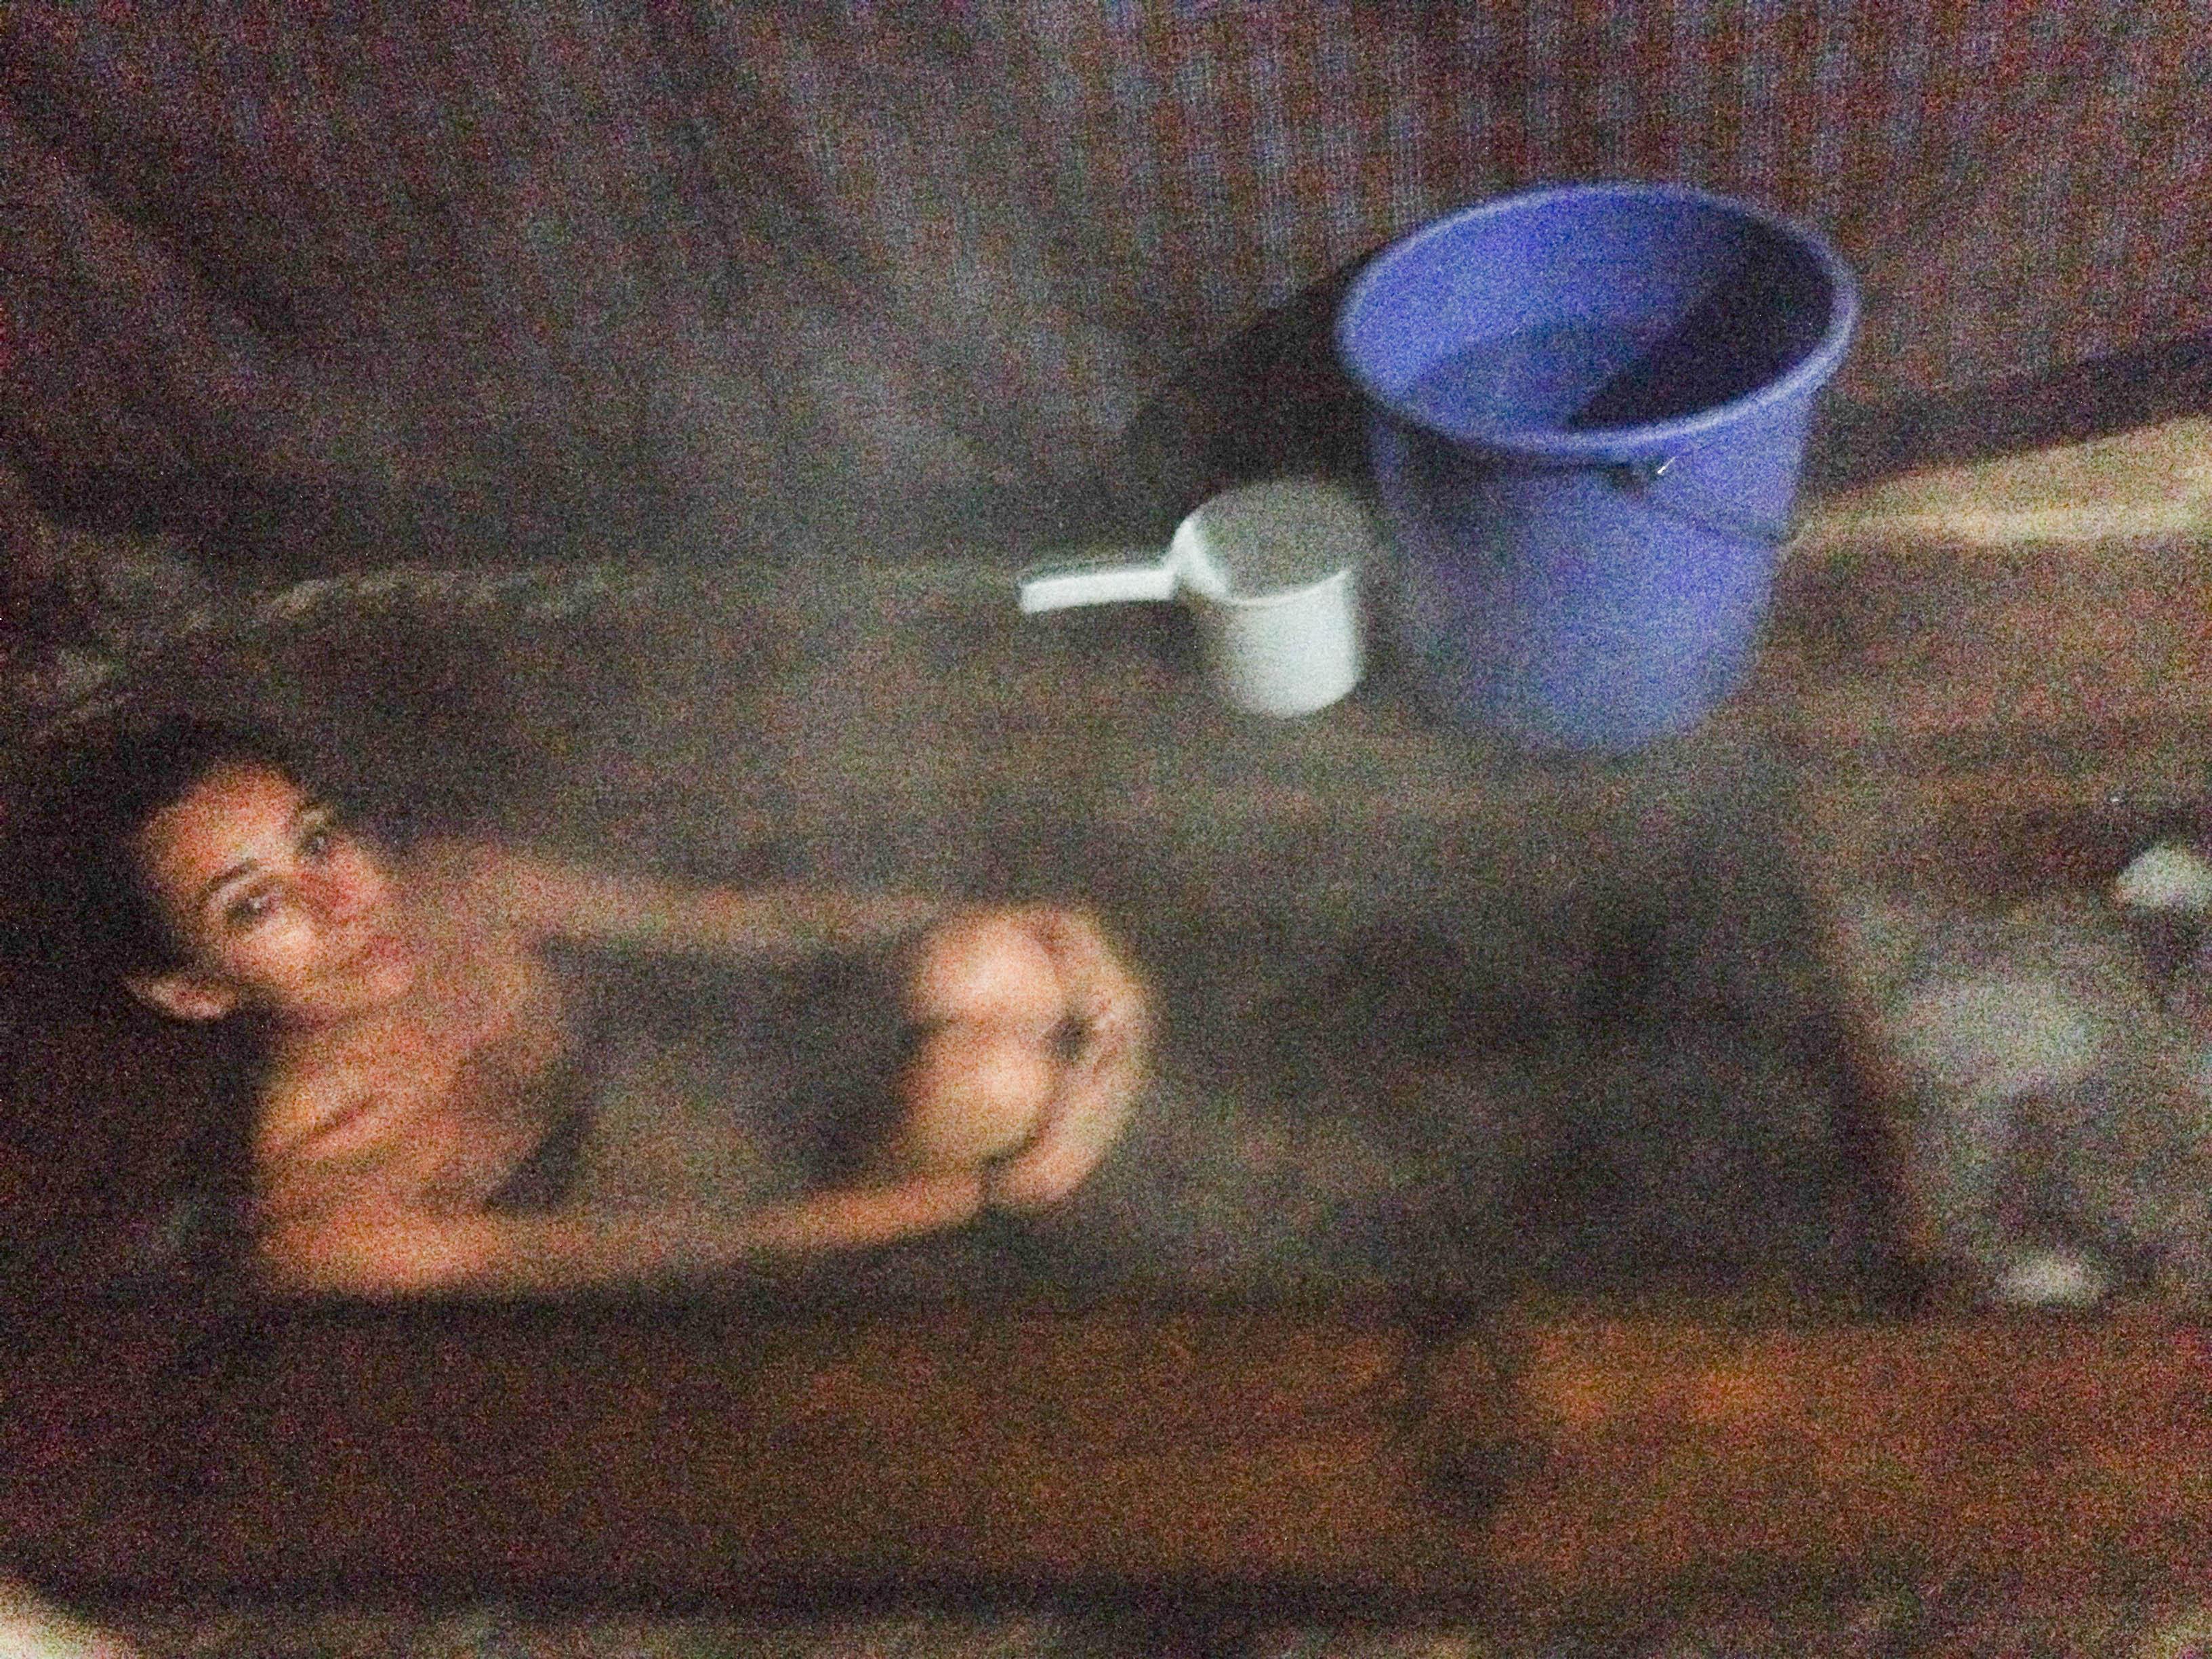 aahhhh steaming hot bath